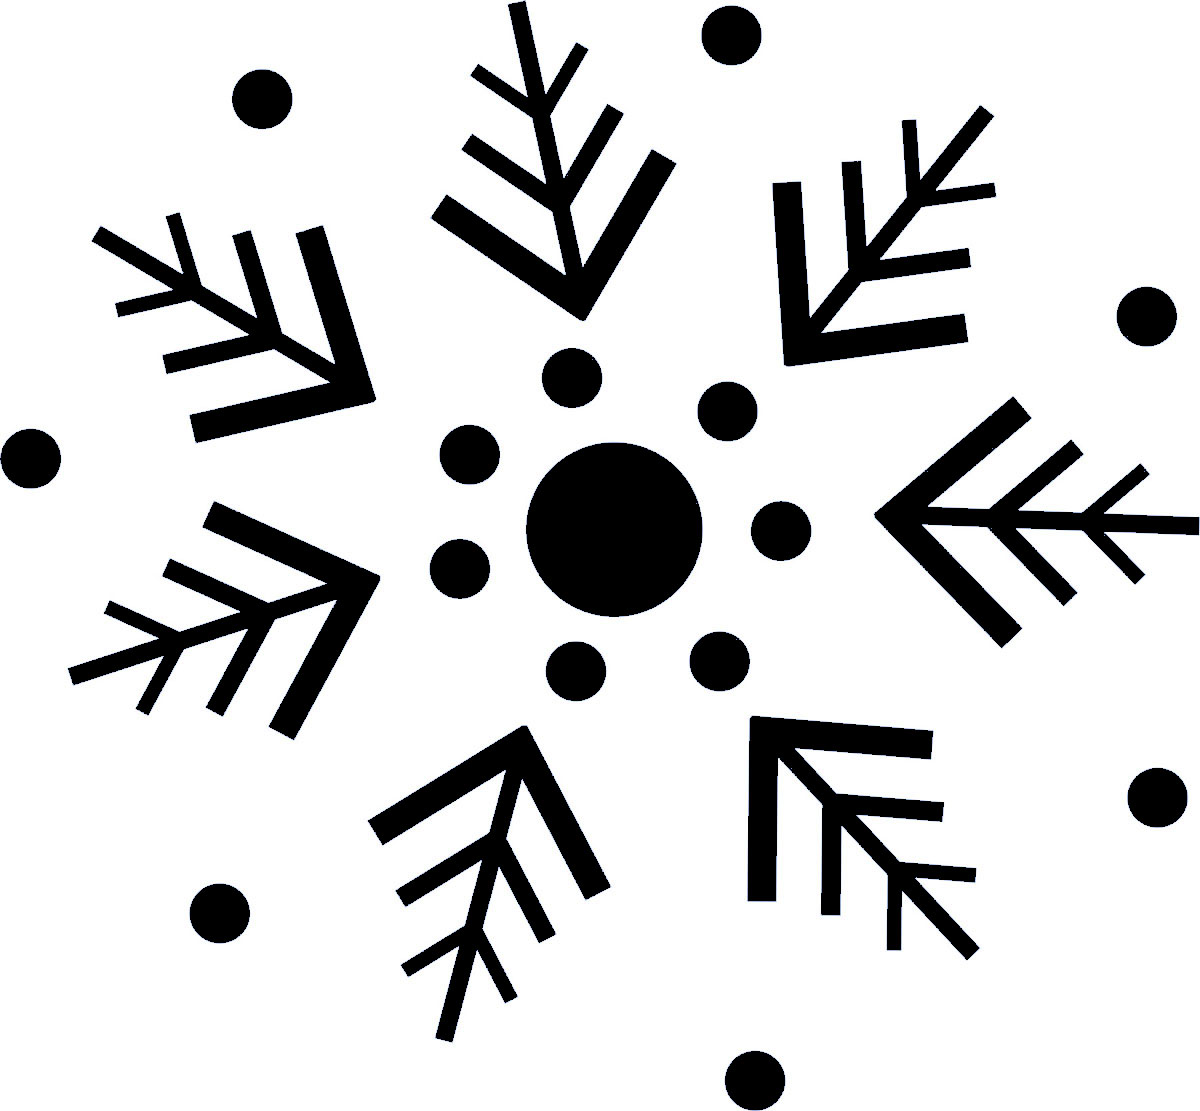 Наклейка автомобильная Оранжевый слоник Снежинка 5, виниловая, цвет: черный21395599Оригинальная наклейка Оранжевый слоник Снежинка 5 изготовлена из высококачественной виниловой пленки, которая выполняет не только декоративную функцию, но и защищает кузов автомобиля от небольших механических повреждений, либо скрывает уже существующие.Виниловые наклейки на автомобиль - это не только красиво, но еще и быстро! Всего за несколько минут вы можете полностью преобразить свой автомобиль, сделать его ярким, необычным, особенным и неповторимым!